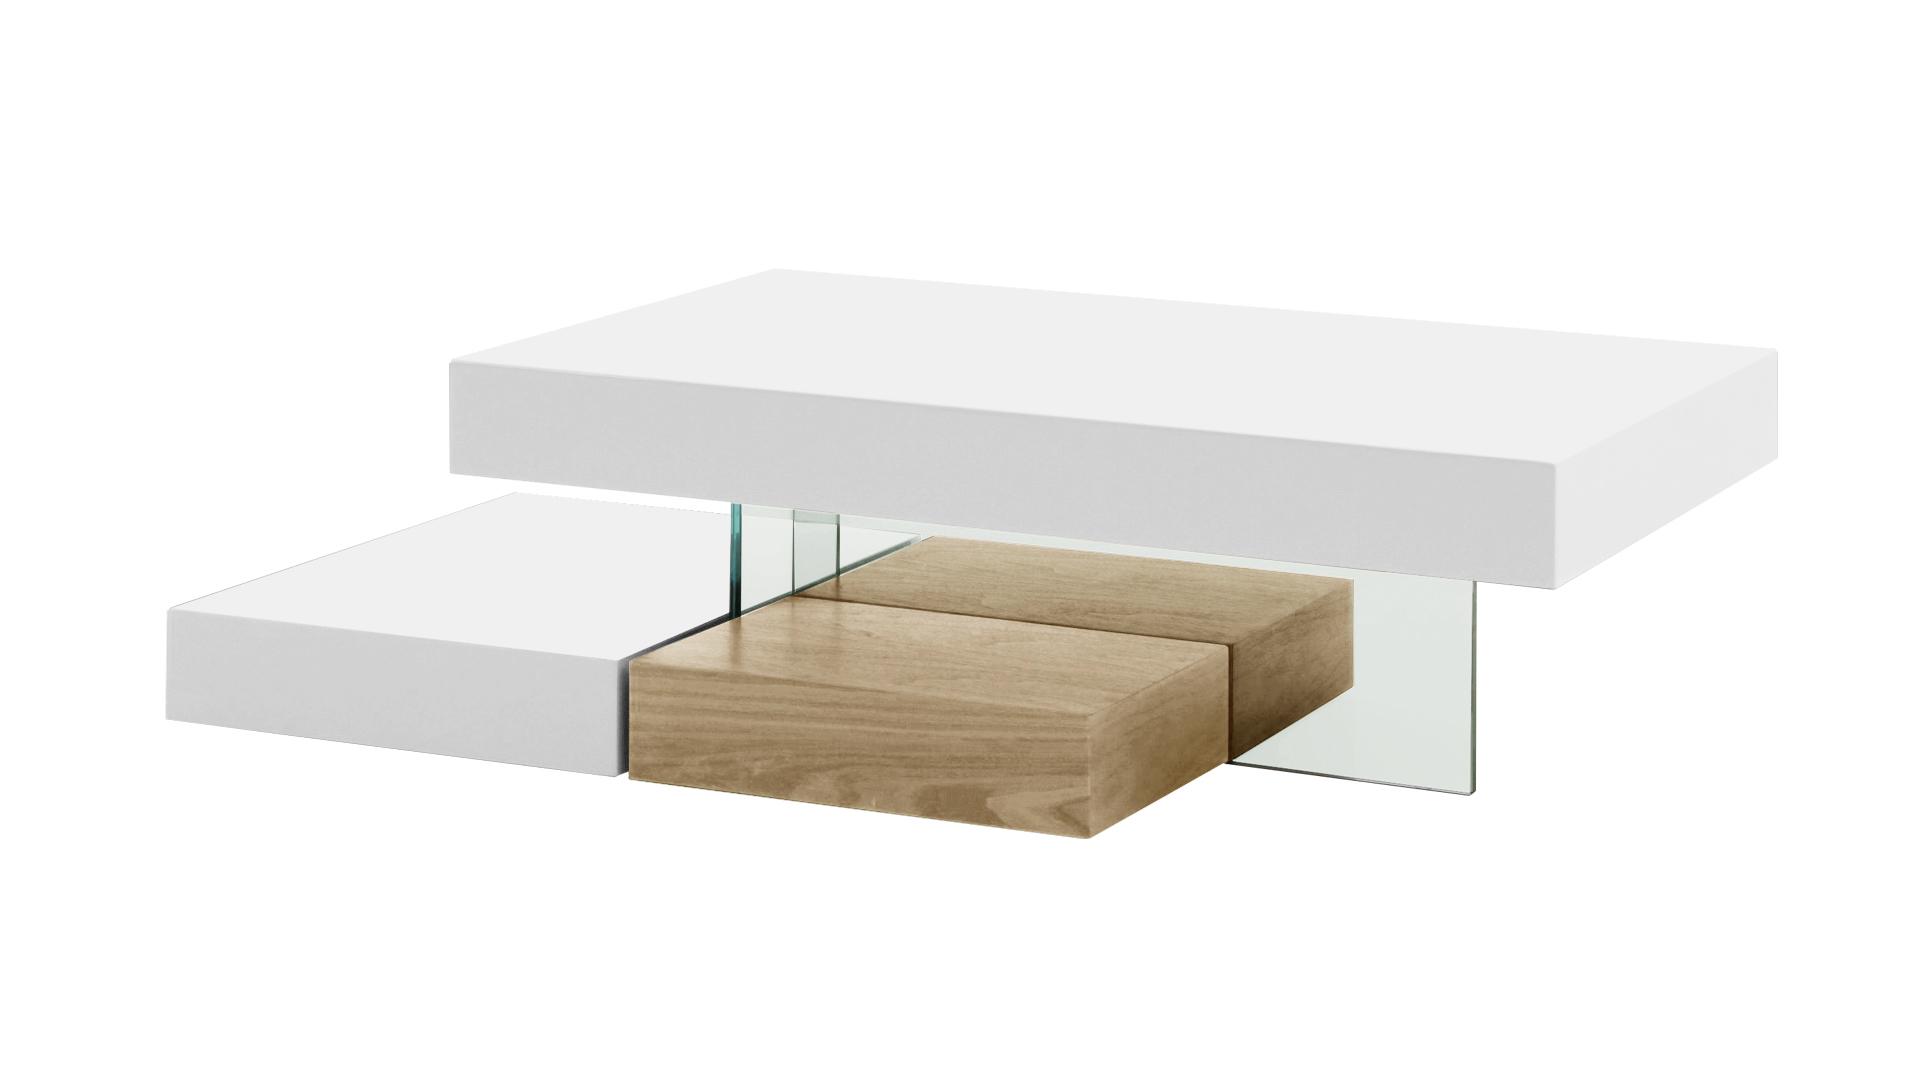 Mobilier Laque Contemporain Table Basse : Table basse laque mat friendly blanc mobiliermoss le